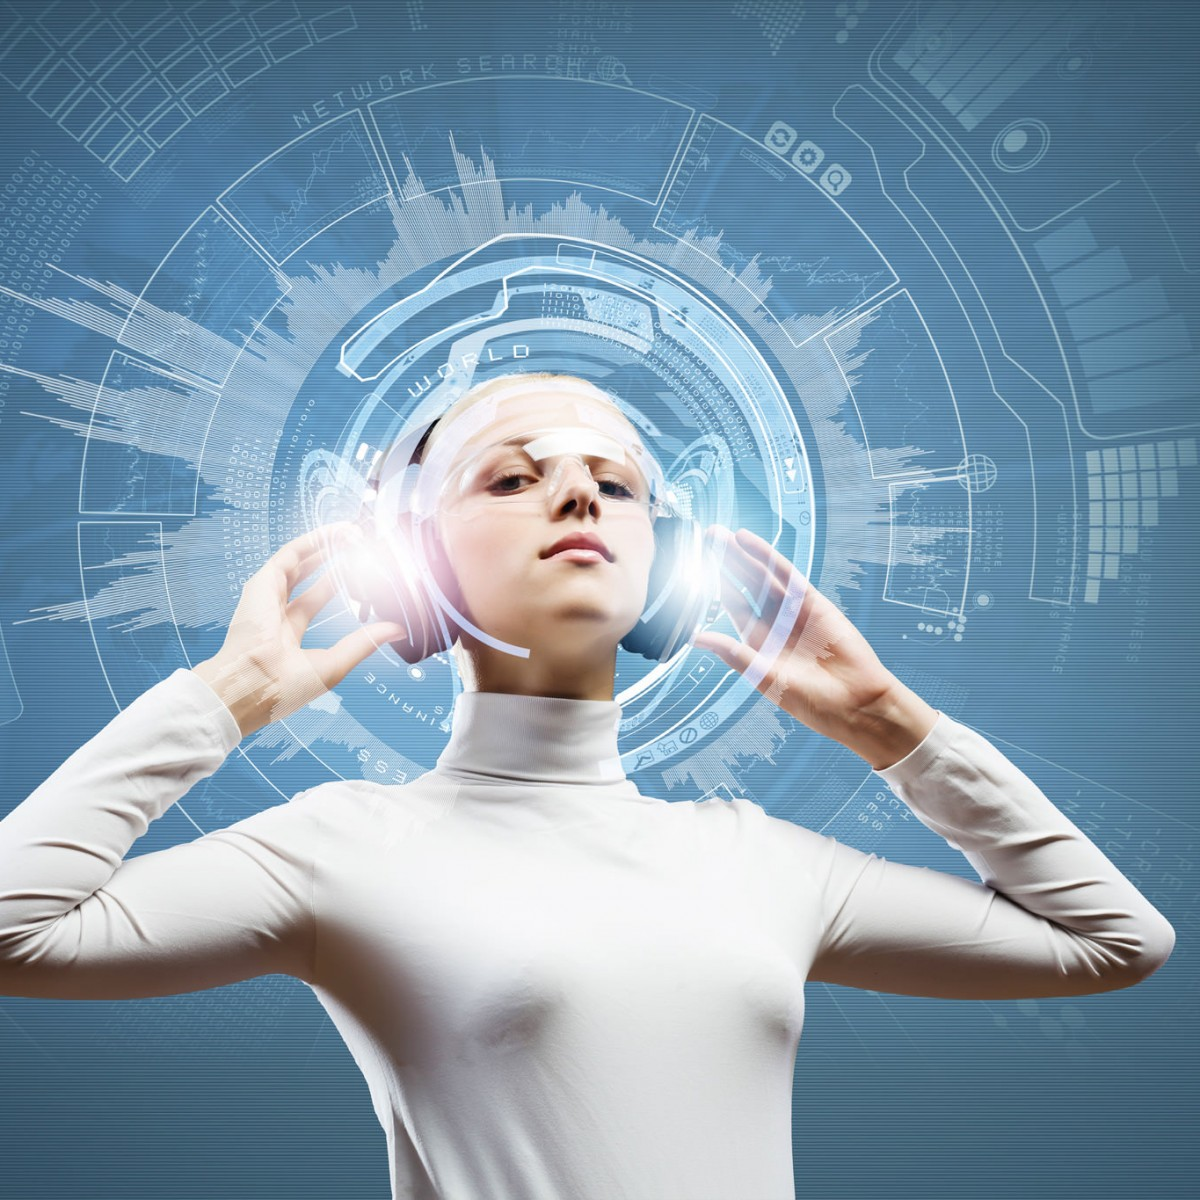 I Am Audio, The Future of Digital.